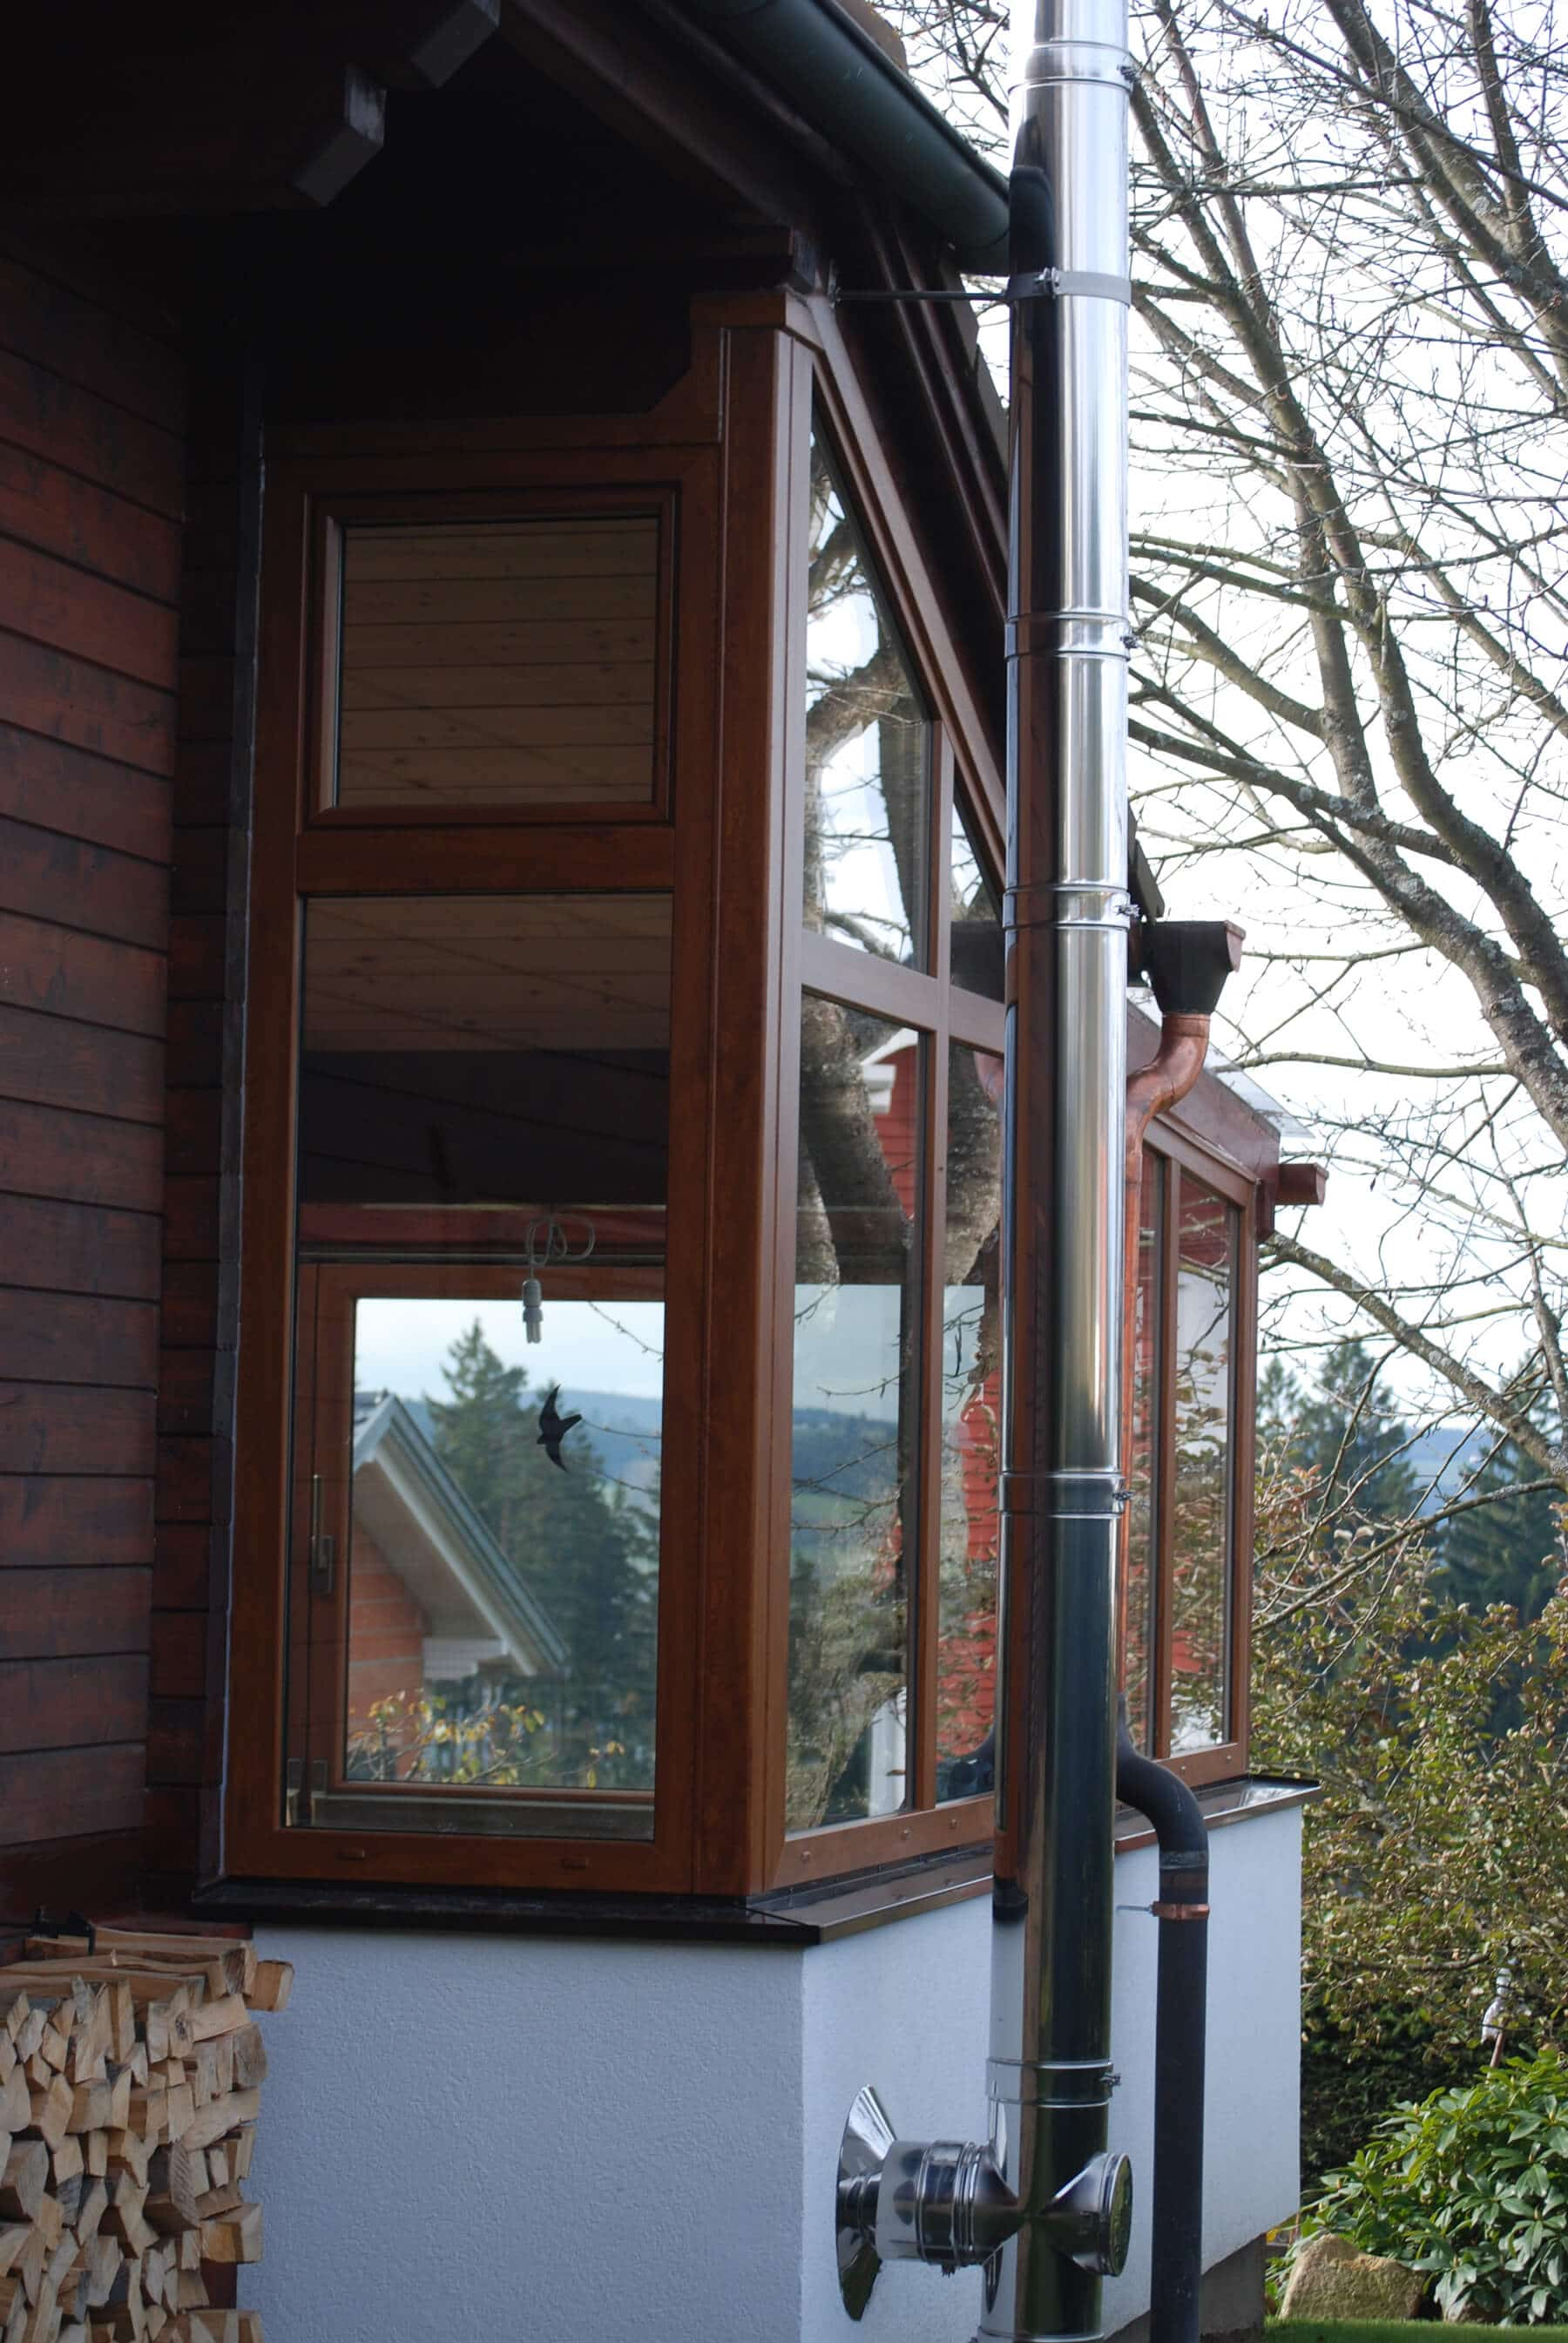 Wintergarten Aus Holz Glas Vom Wintergartenerzeuger Schmidinger